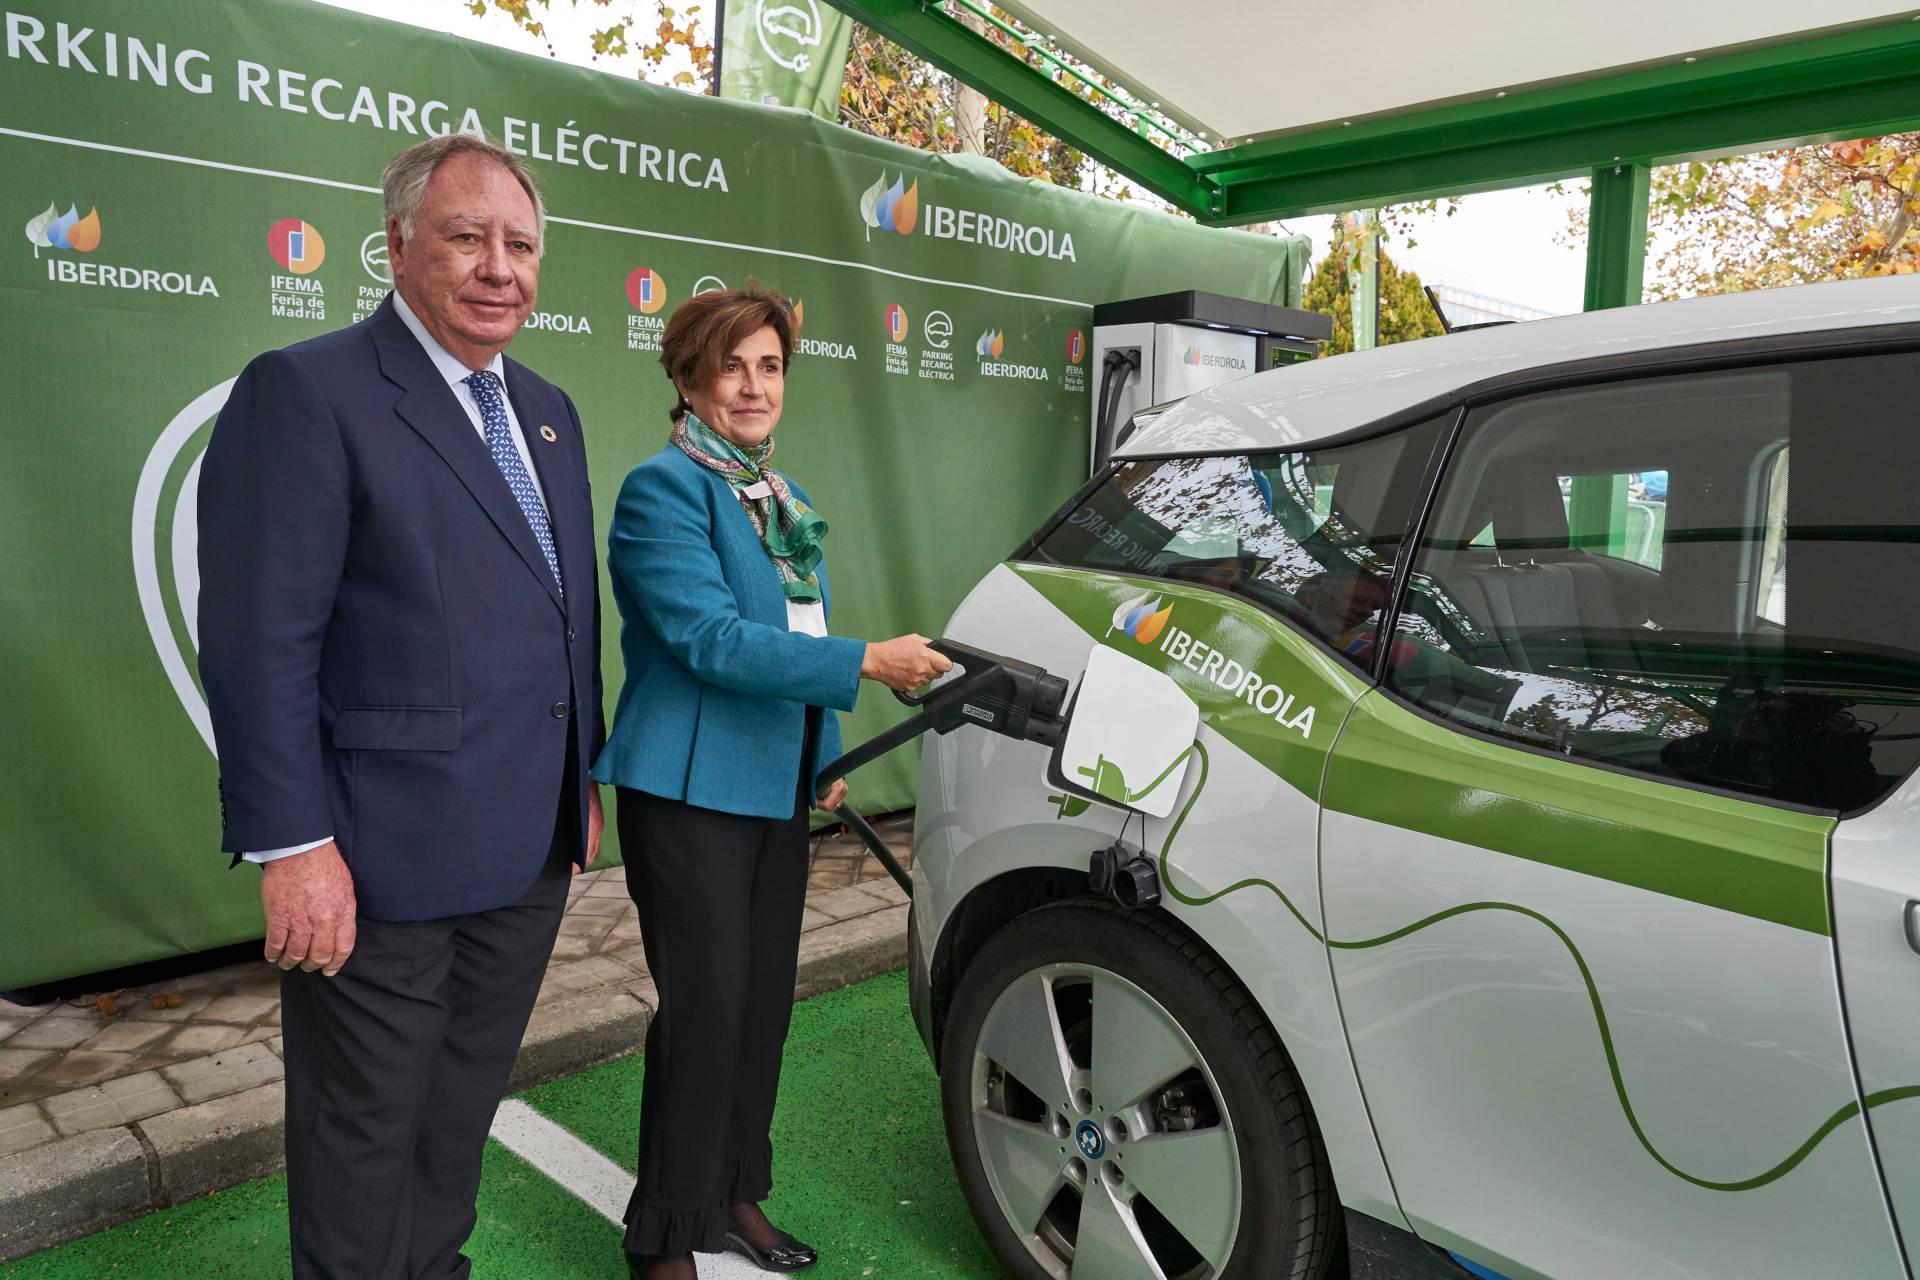 movilidad_electrica_parque_recarga_IFEMA_Iberdrola_alianza_sostenibilidad